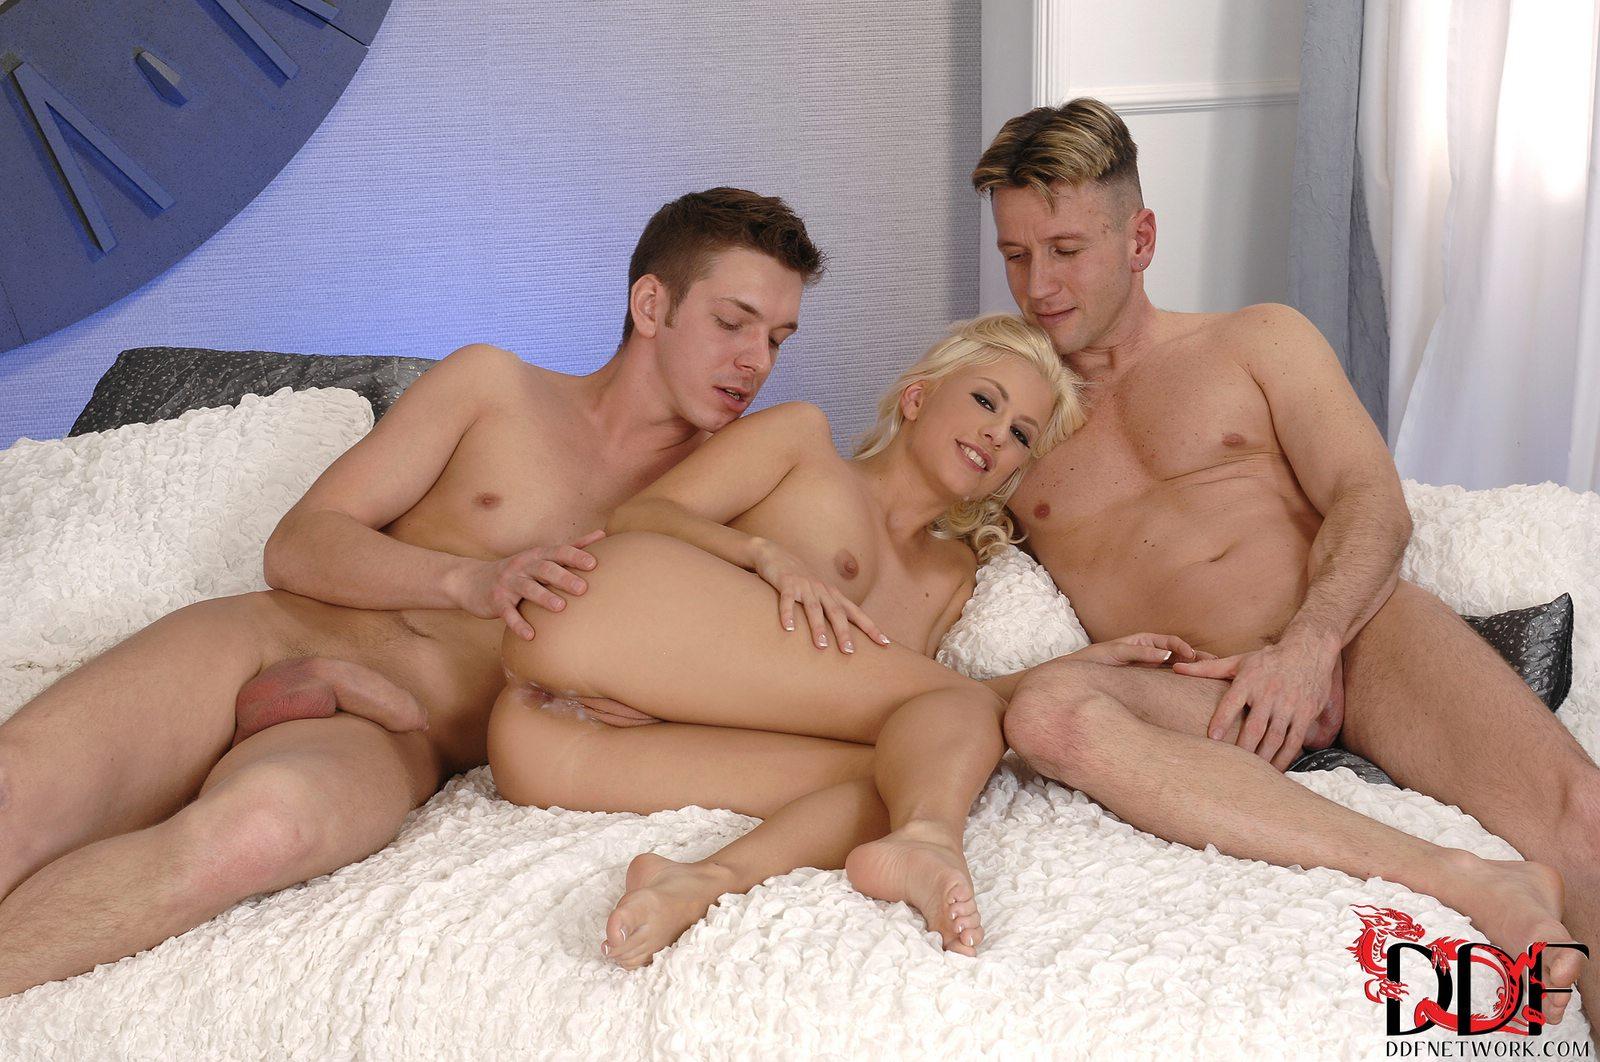 Реальный секс с мачехой, гиг порно мачеха видео смотреть HD порно бесплатно 20 фотография